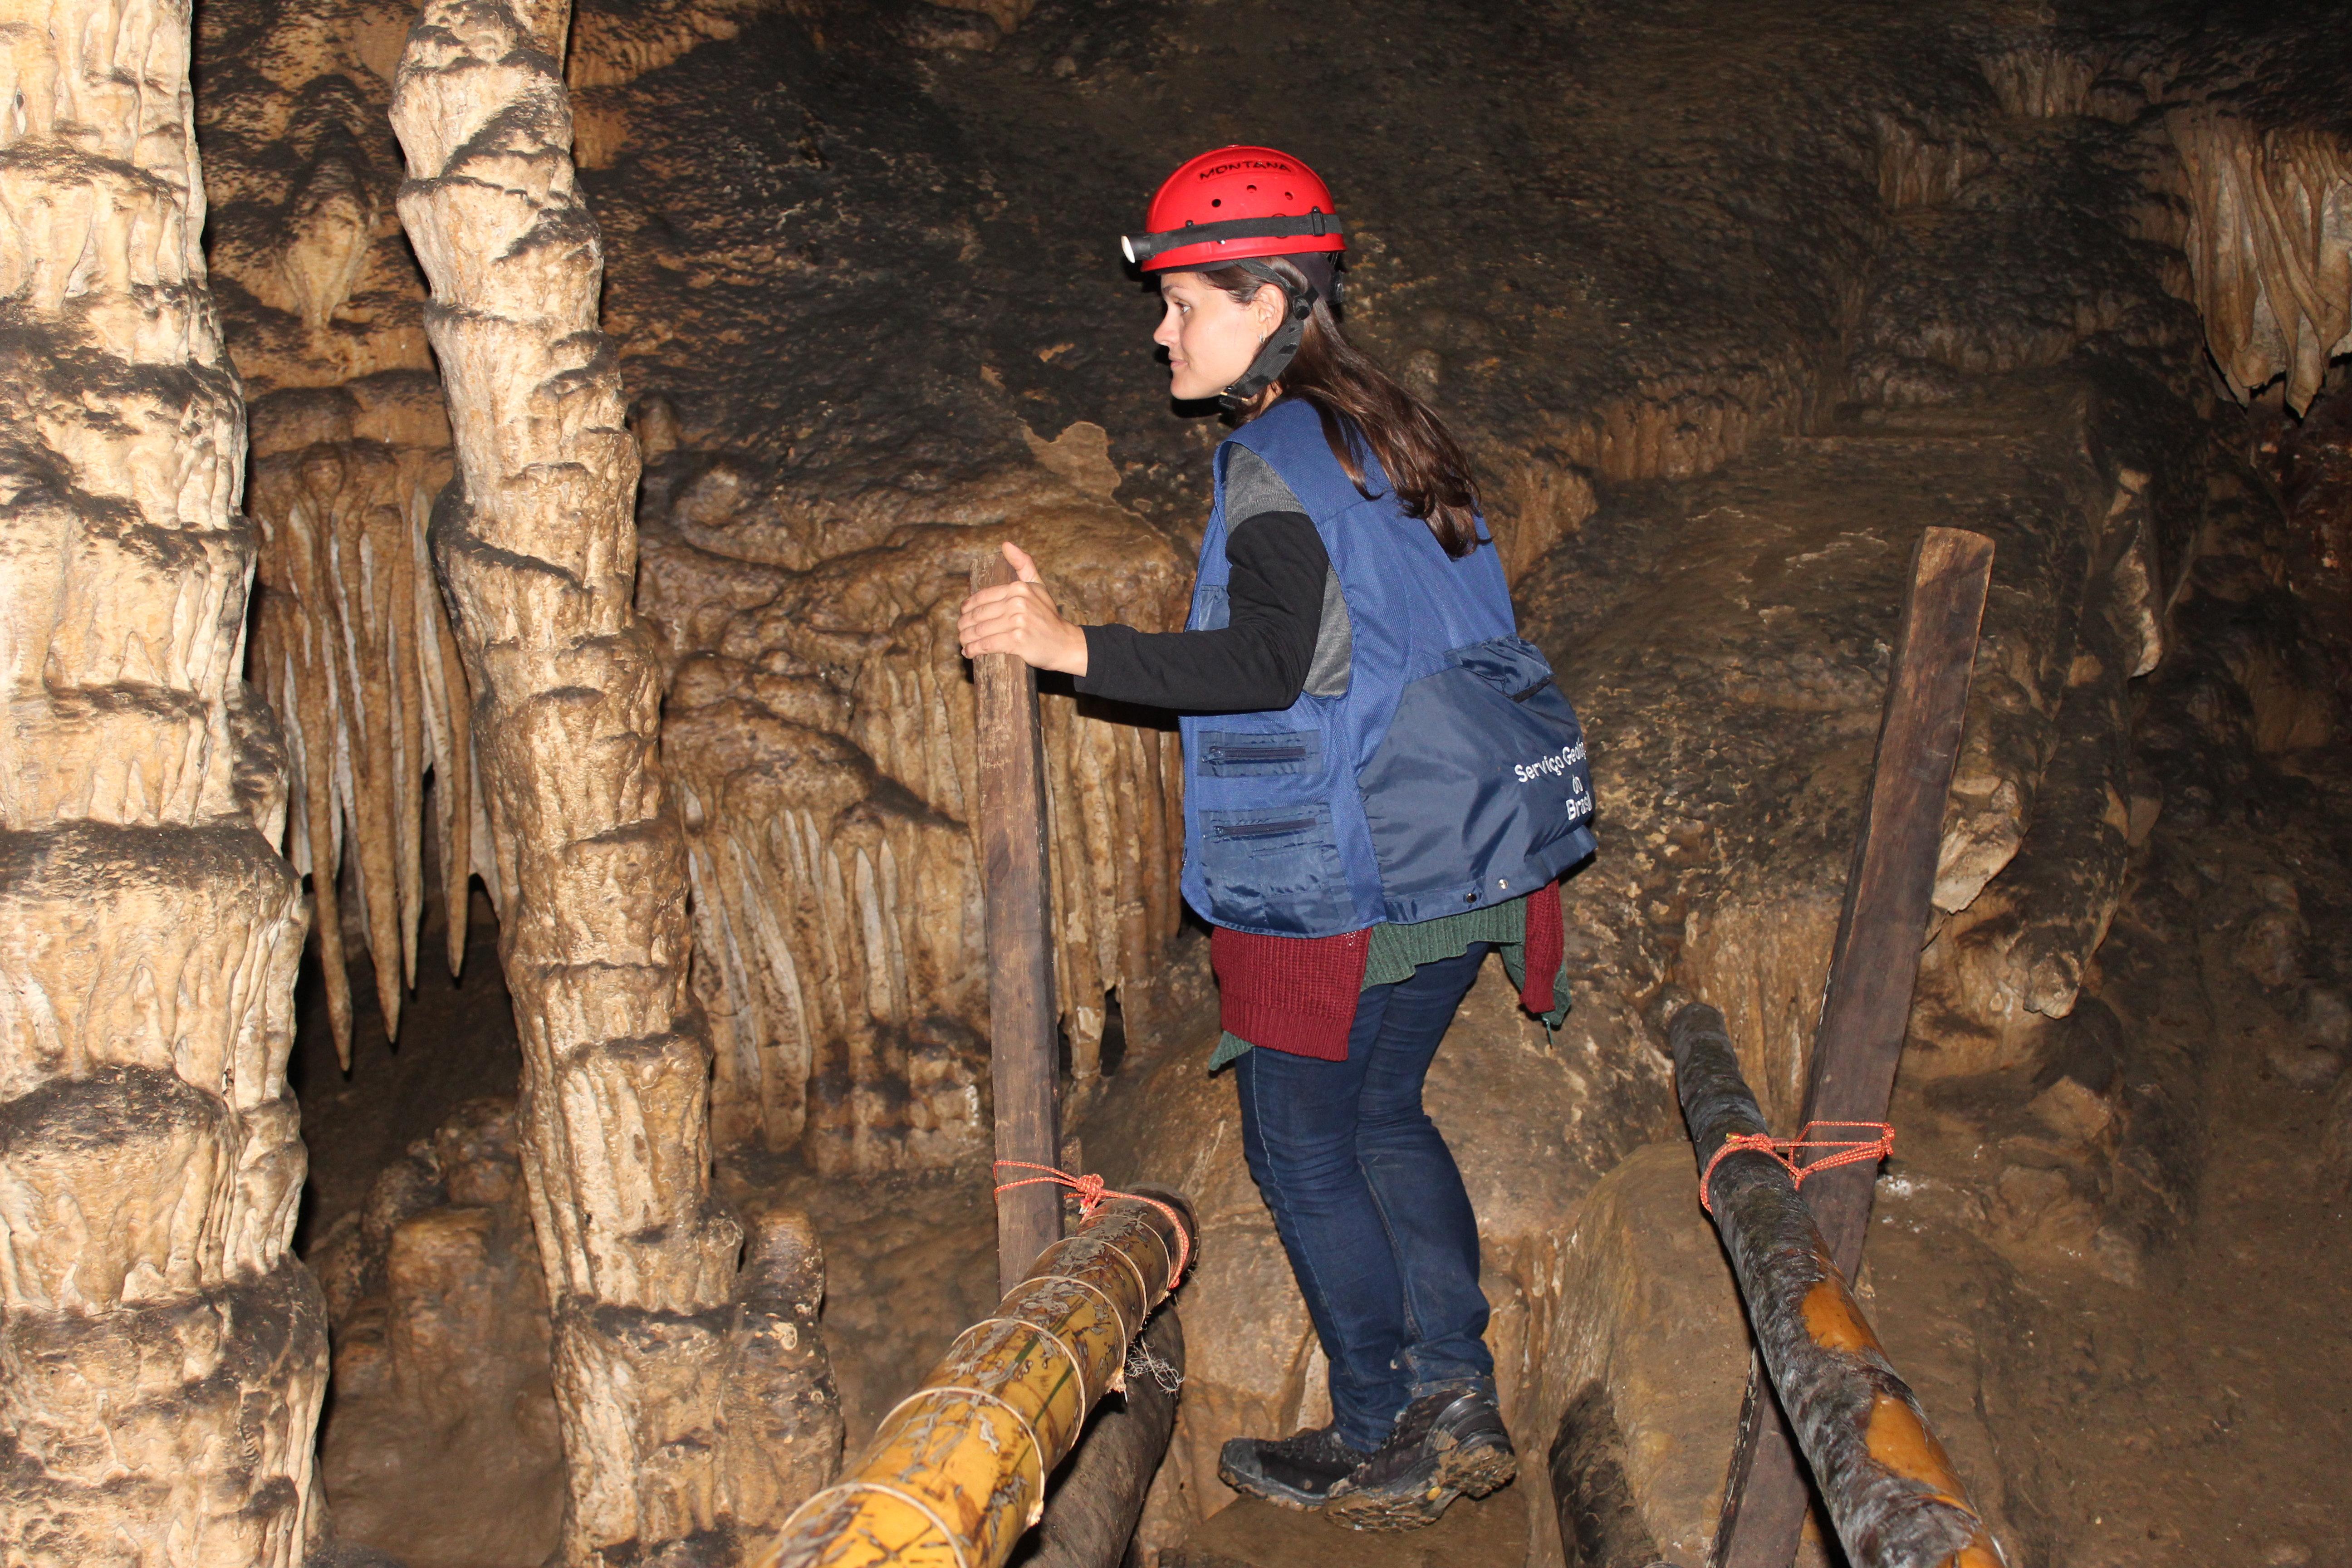 Mulheres lutam para derrubar barreiras do preconceito no trabalho de campo